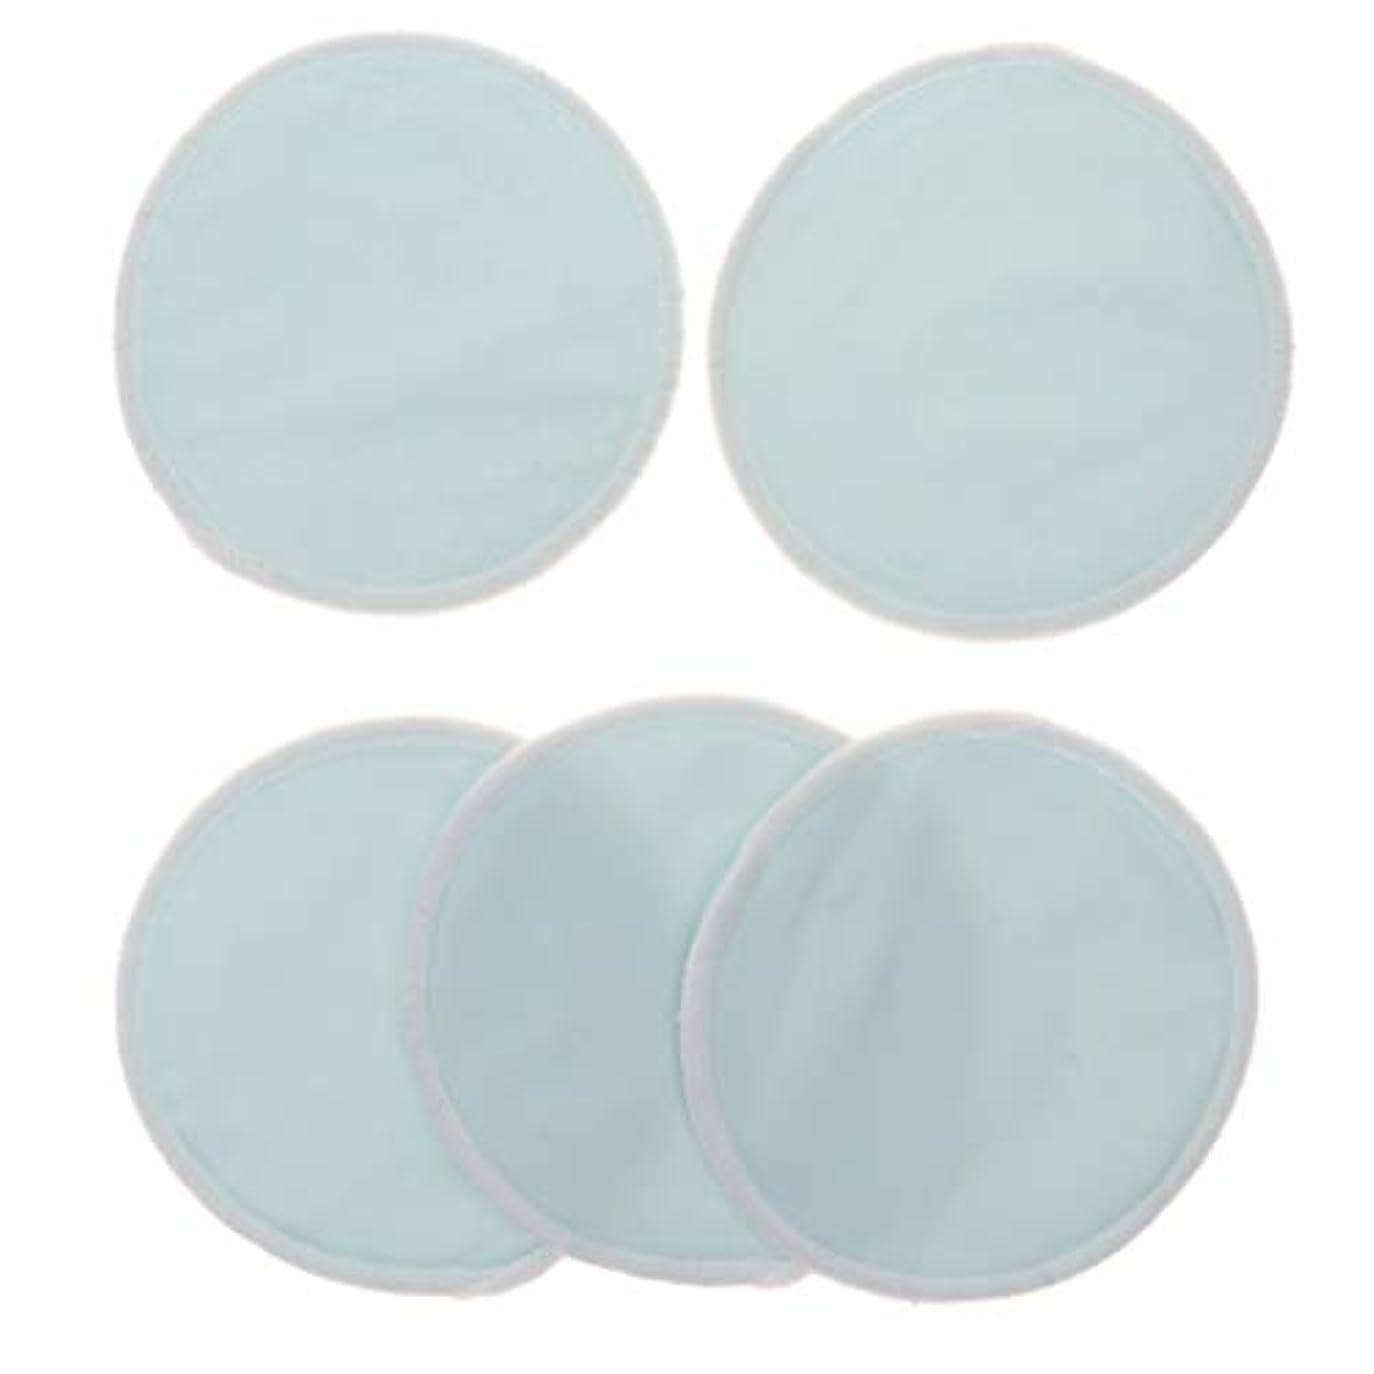 突進論理気付く5個 クレンジングシート 胸パッド 化粧用 竹繊維 円形 12cm 洗える 再使用可能 耐久性 全5色 - 青